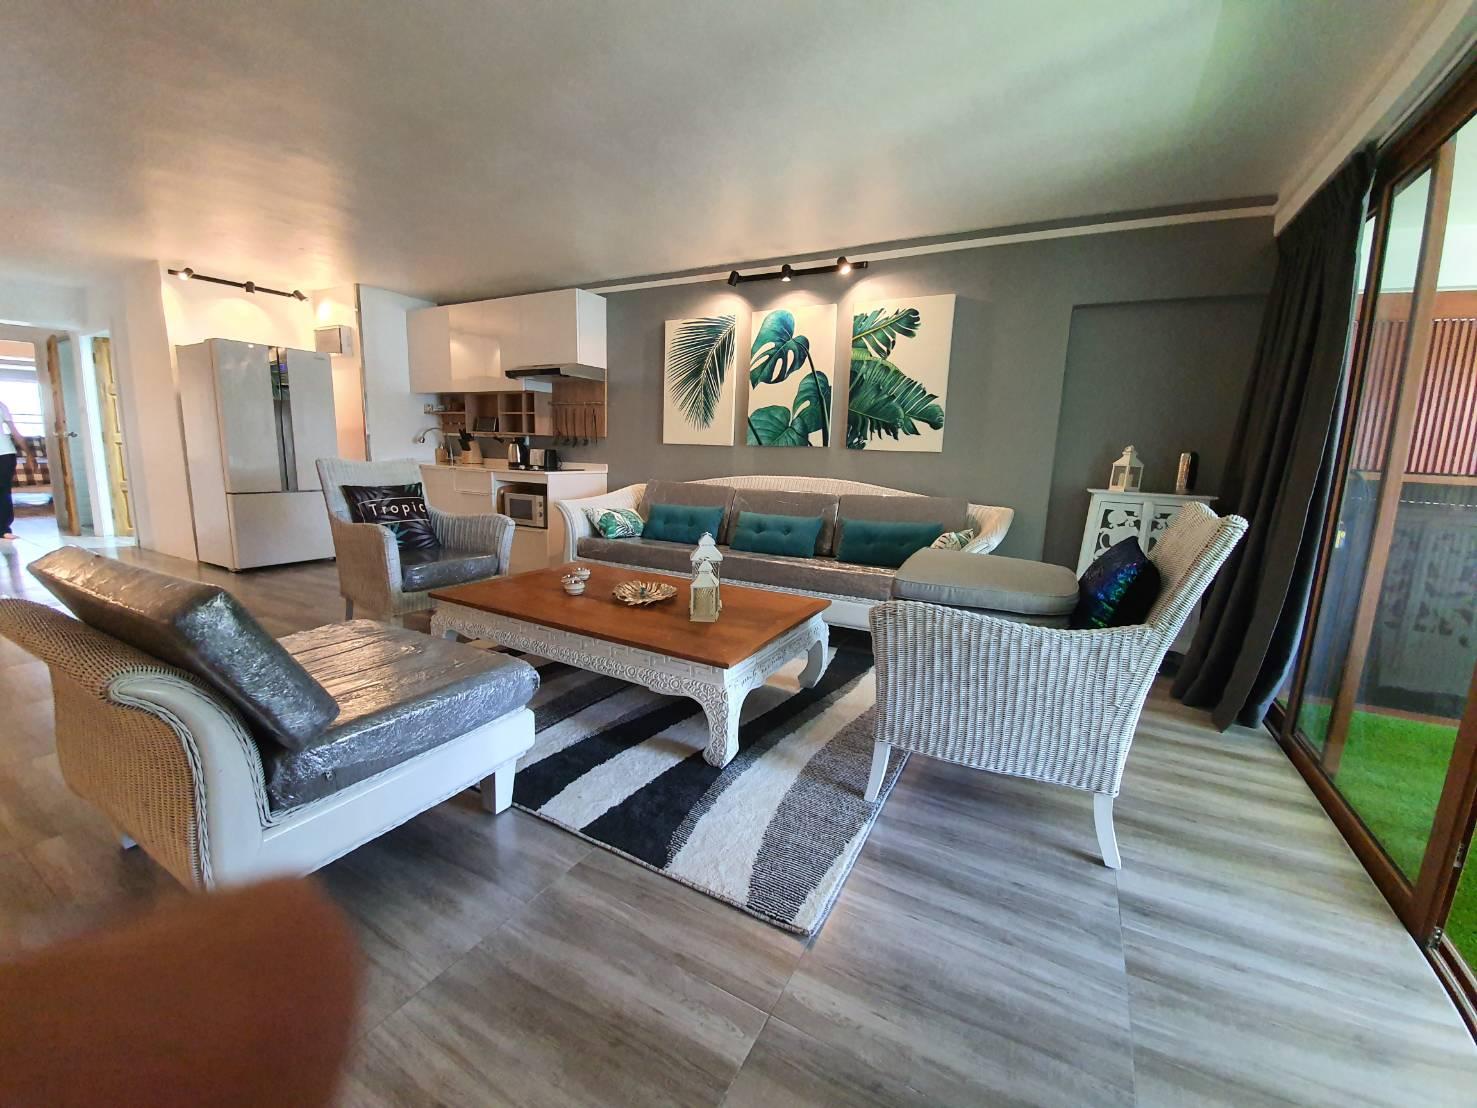 ขายอพาร์ทเม้นท์ ภูเก็ต วิวทะเล หาดกะหลิม 2 ห้องนอน 2 ห้องน้ำ 9,700,000